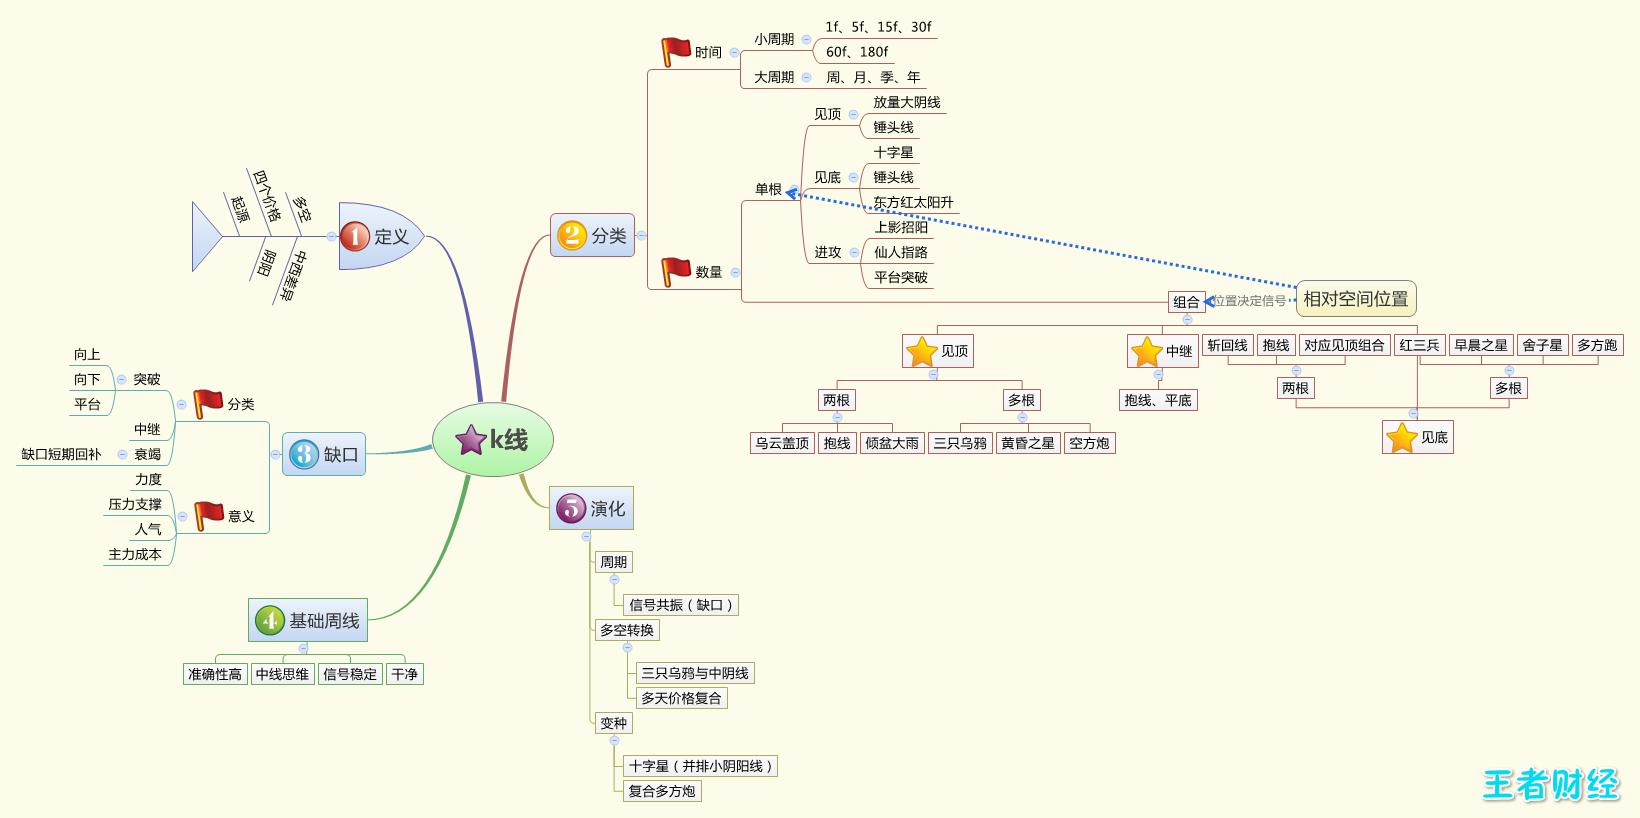 大脑�z*9.+y���b!�n�f_股市知识结构脑图送给王粉-斗K-讲股堂-王者财经